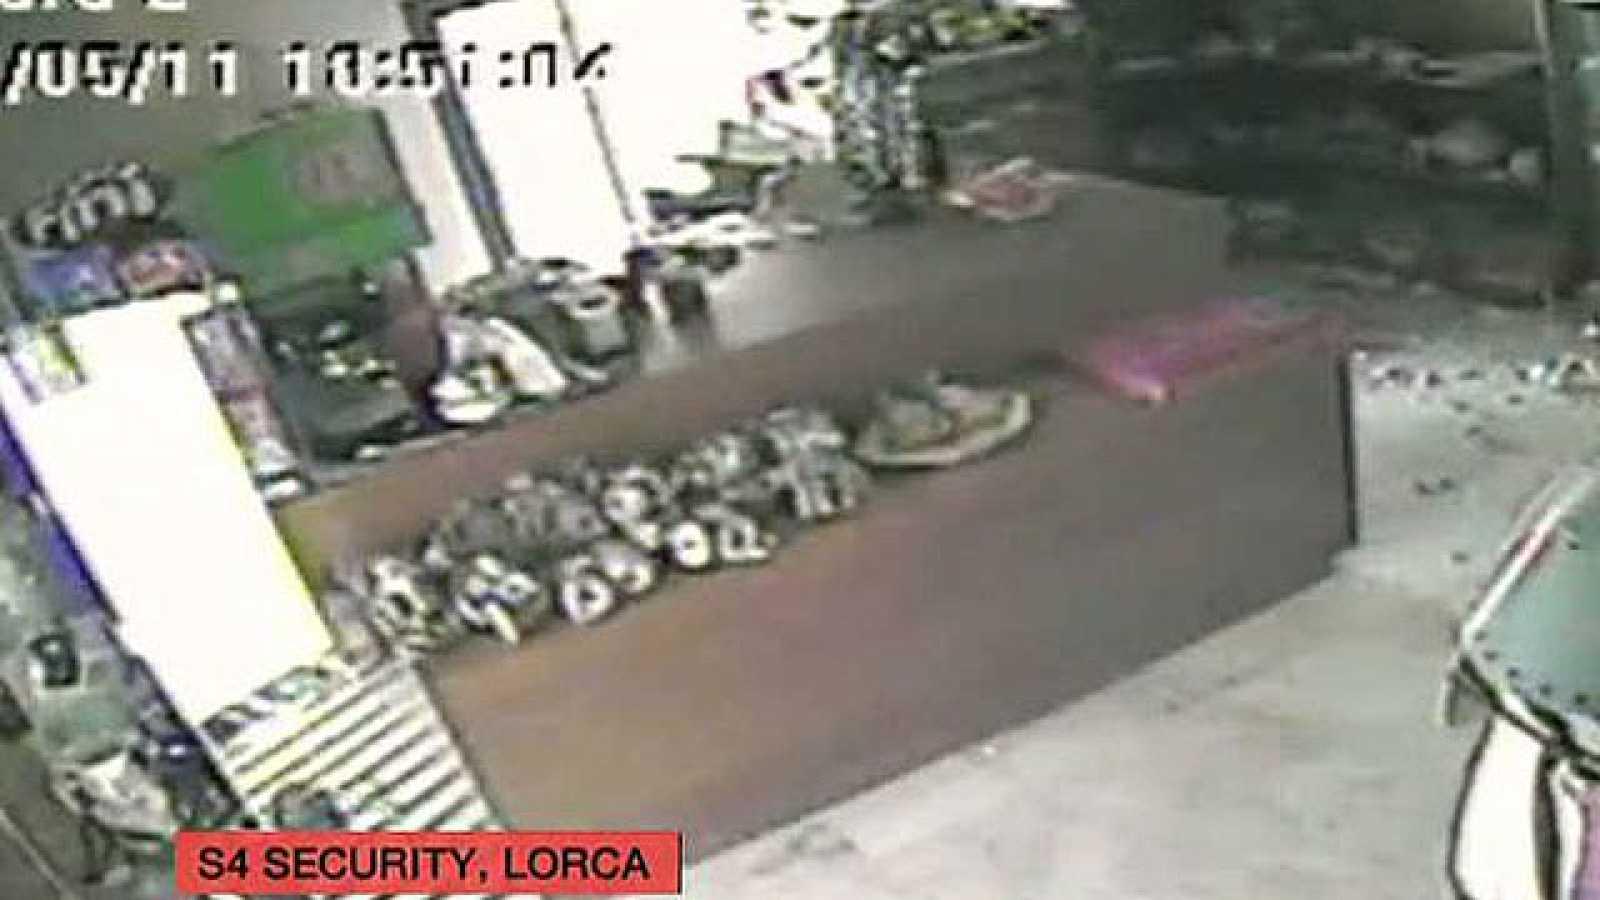 Una cámara de seguridad capta el terremoto de Lorca